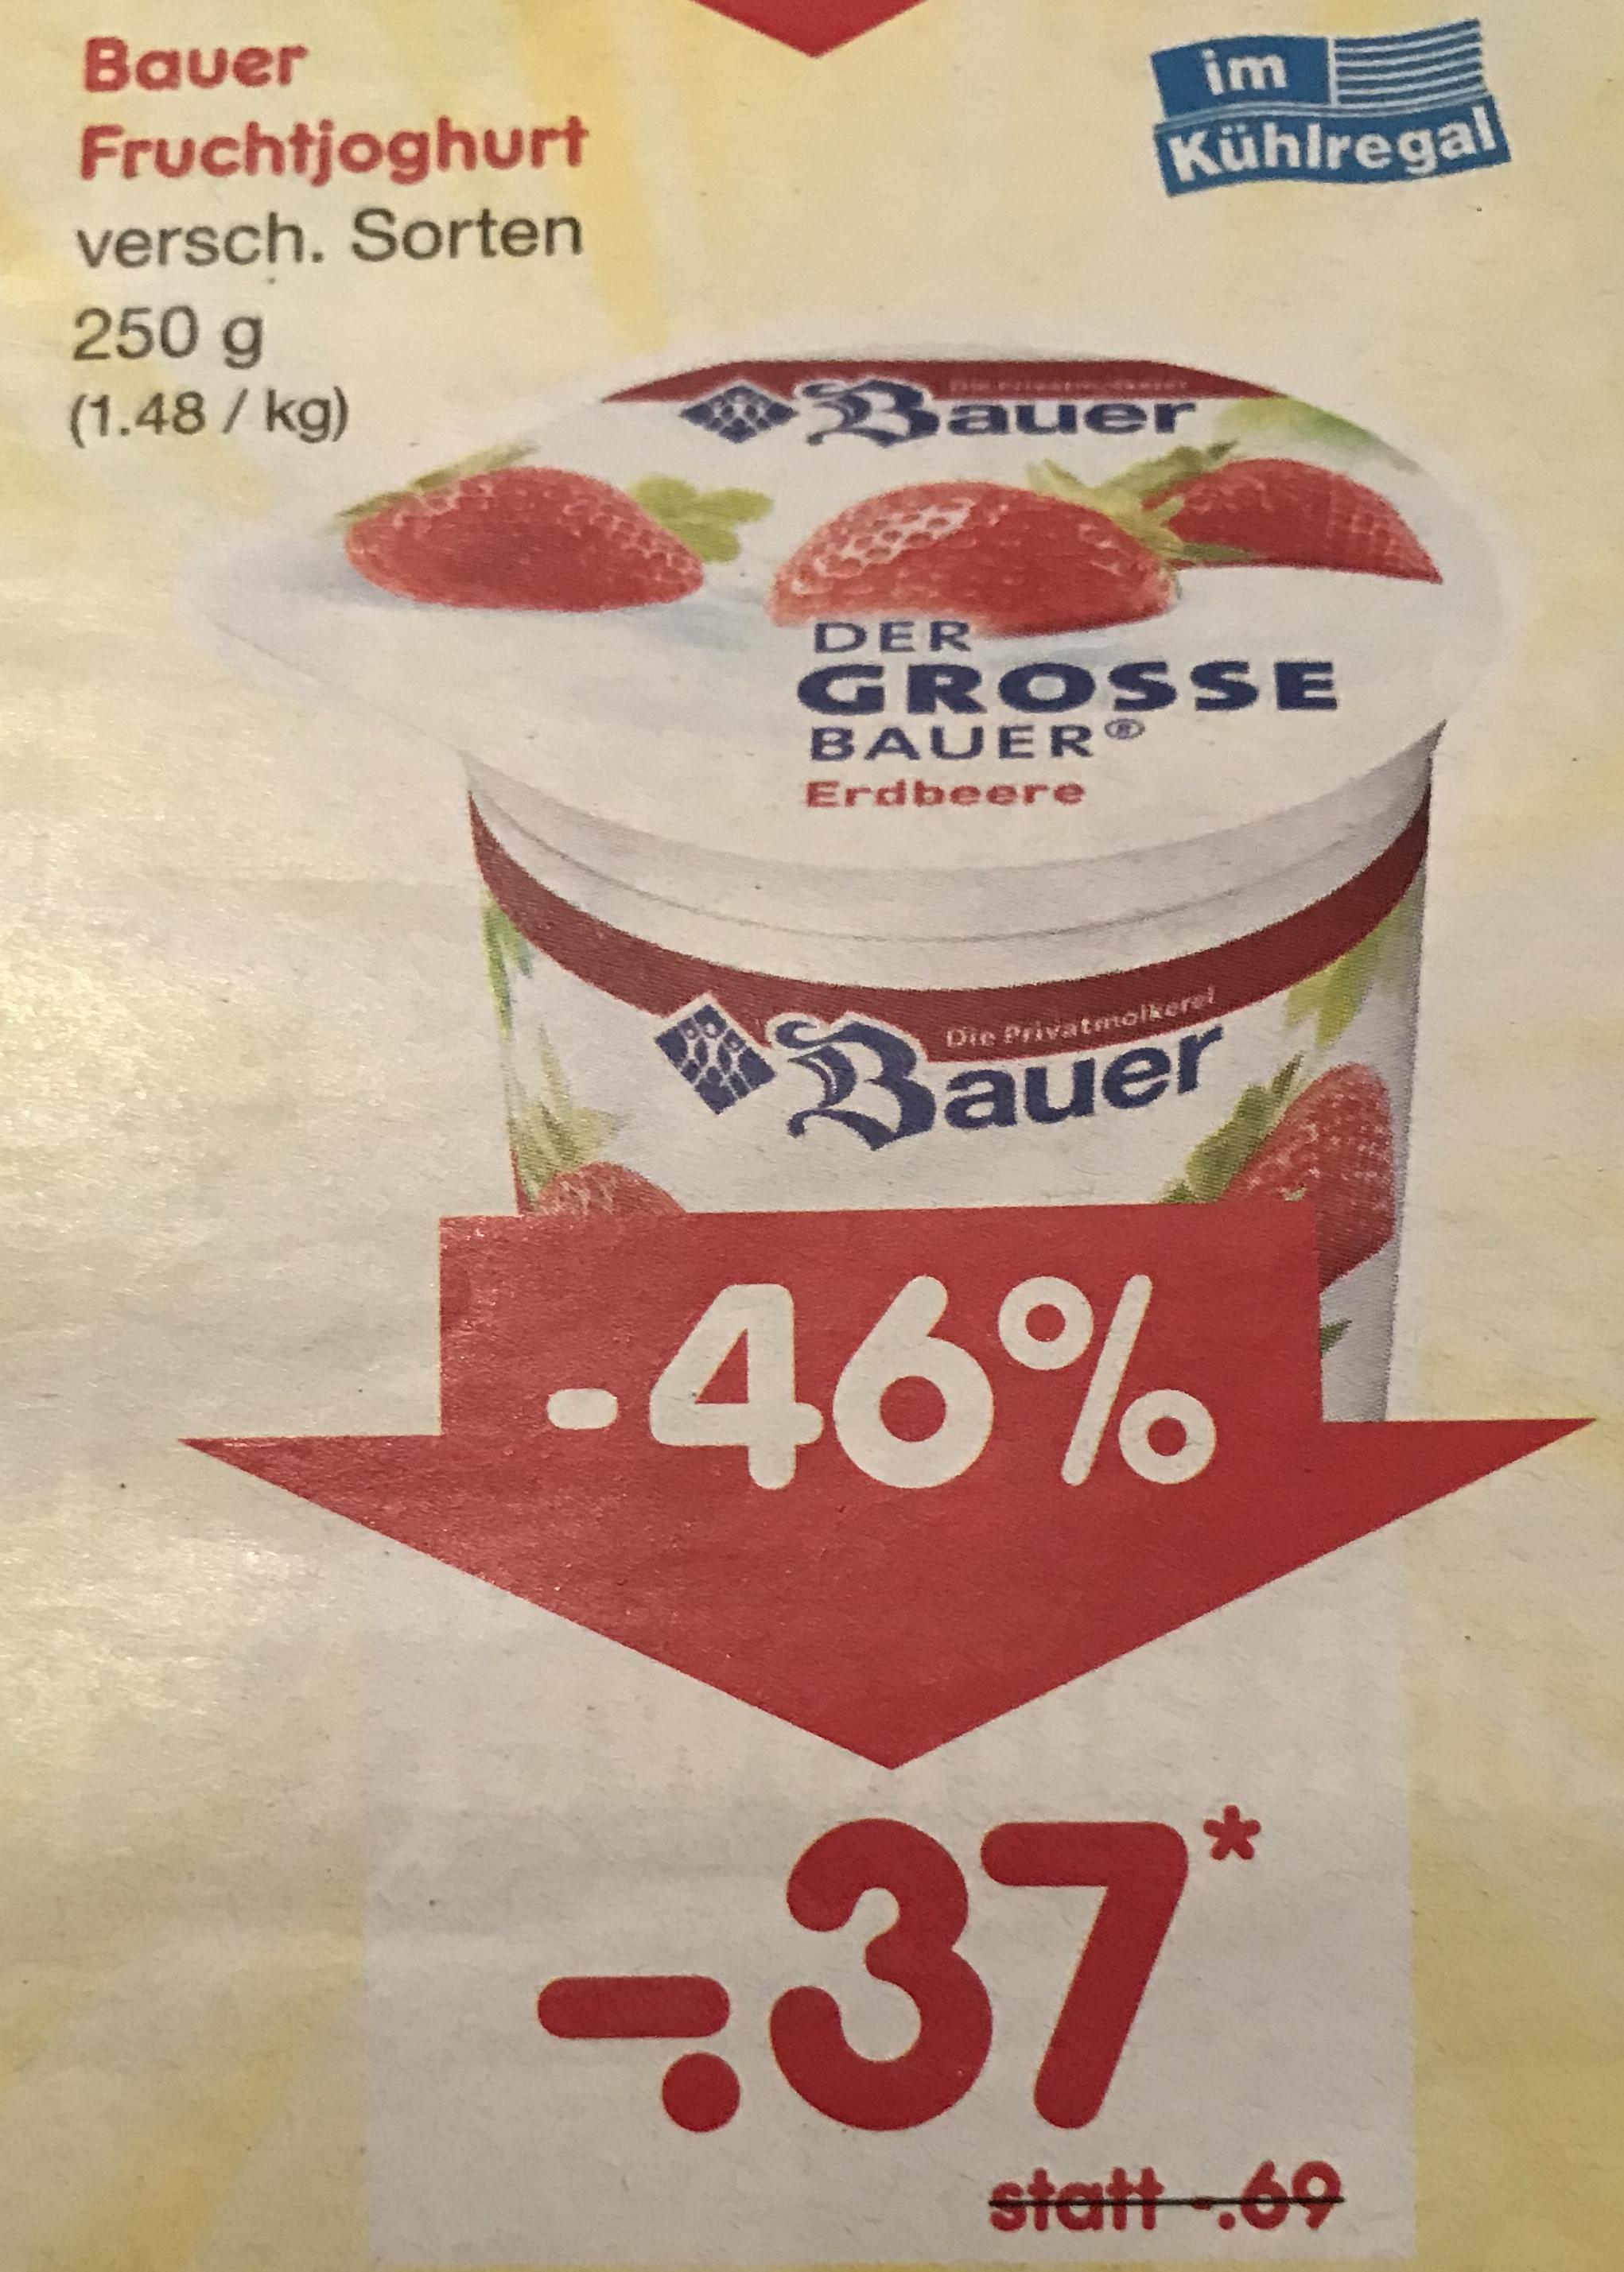 [NETTO - Marken Discount] Bauer Fruchtjoghurt versch. Sorten (250 g) - 17.03.18